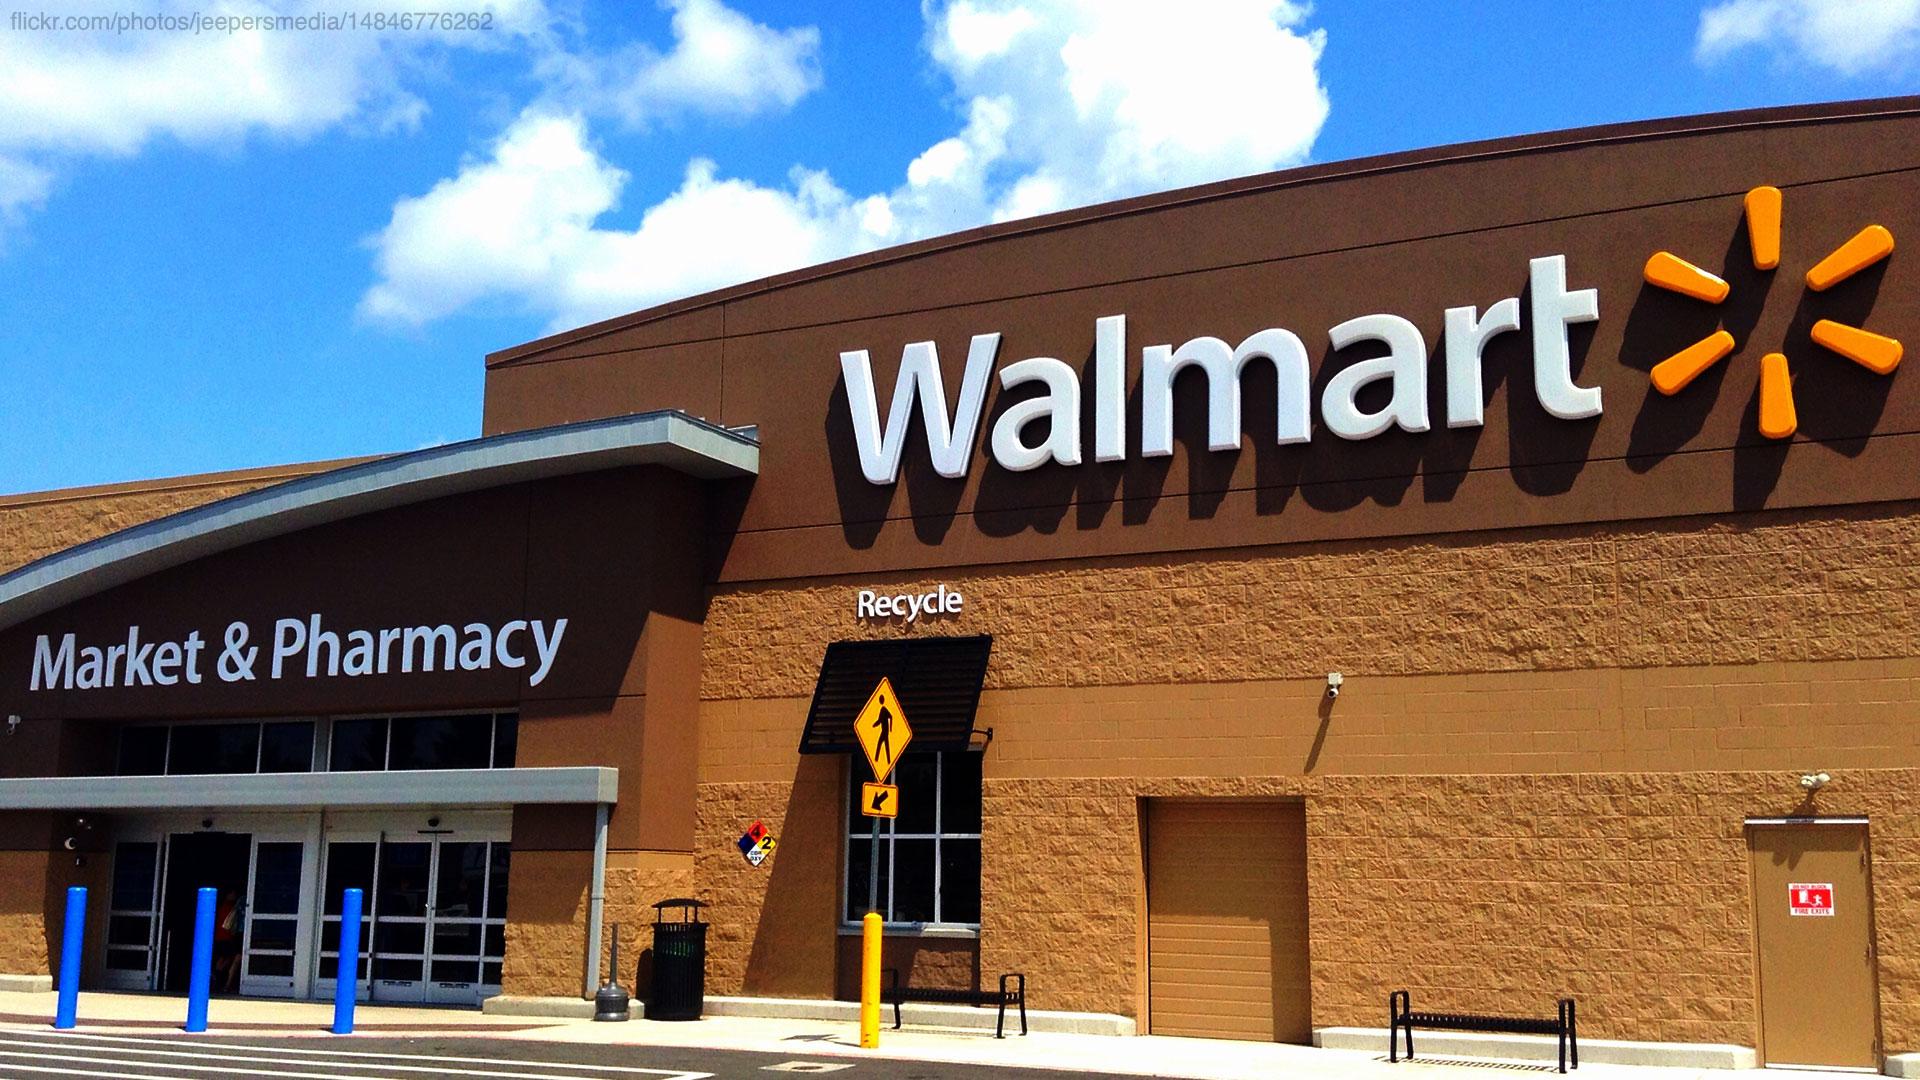 Walmart Wallpaper Wallpapersafari